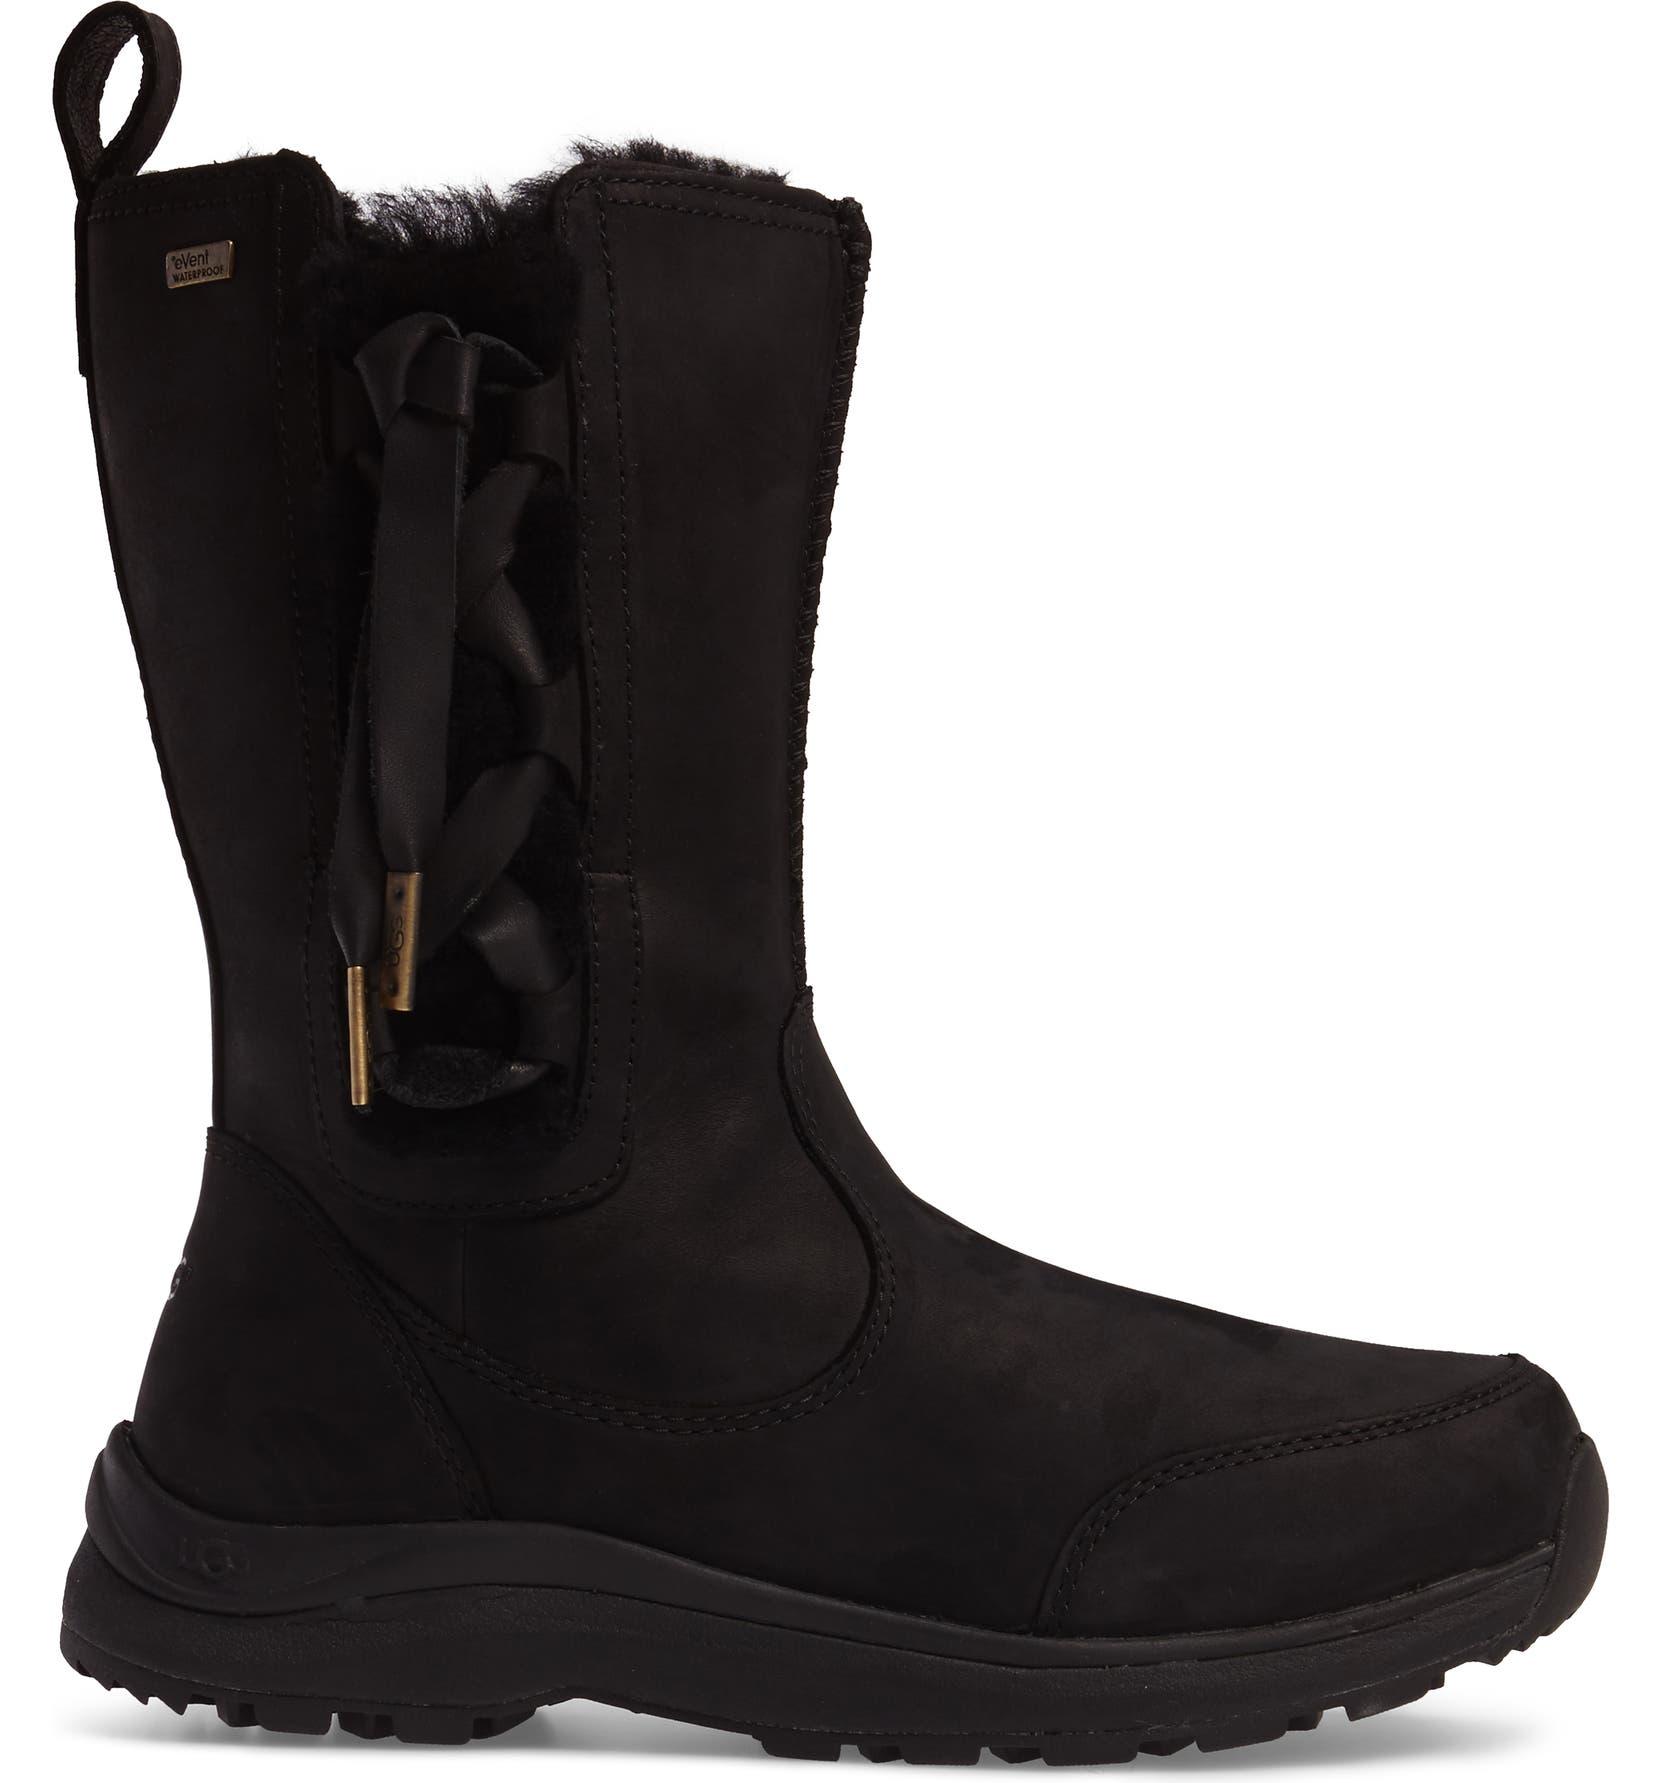 b81b40318c6 Suvi Waterproof Insulated Winter Boot